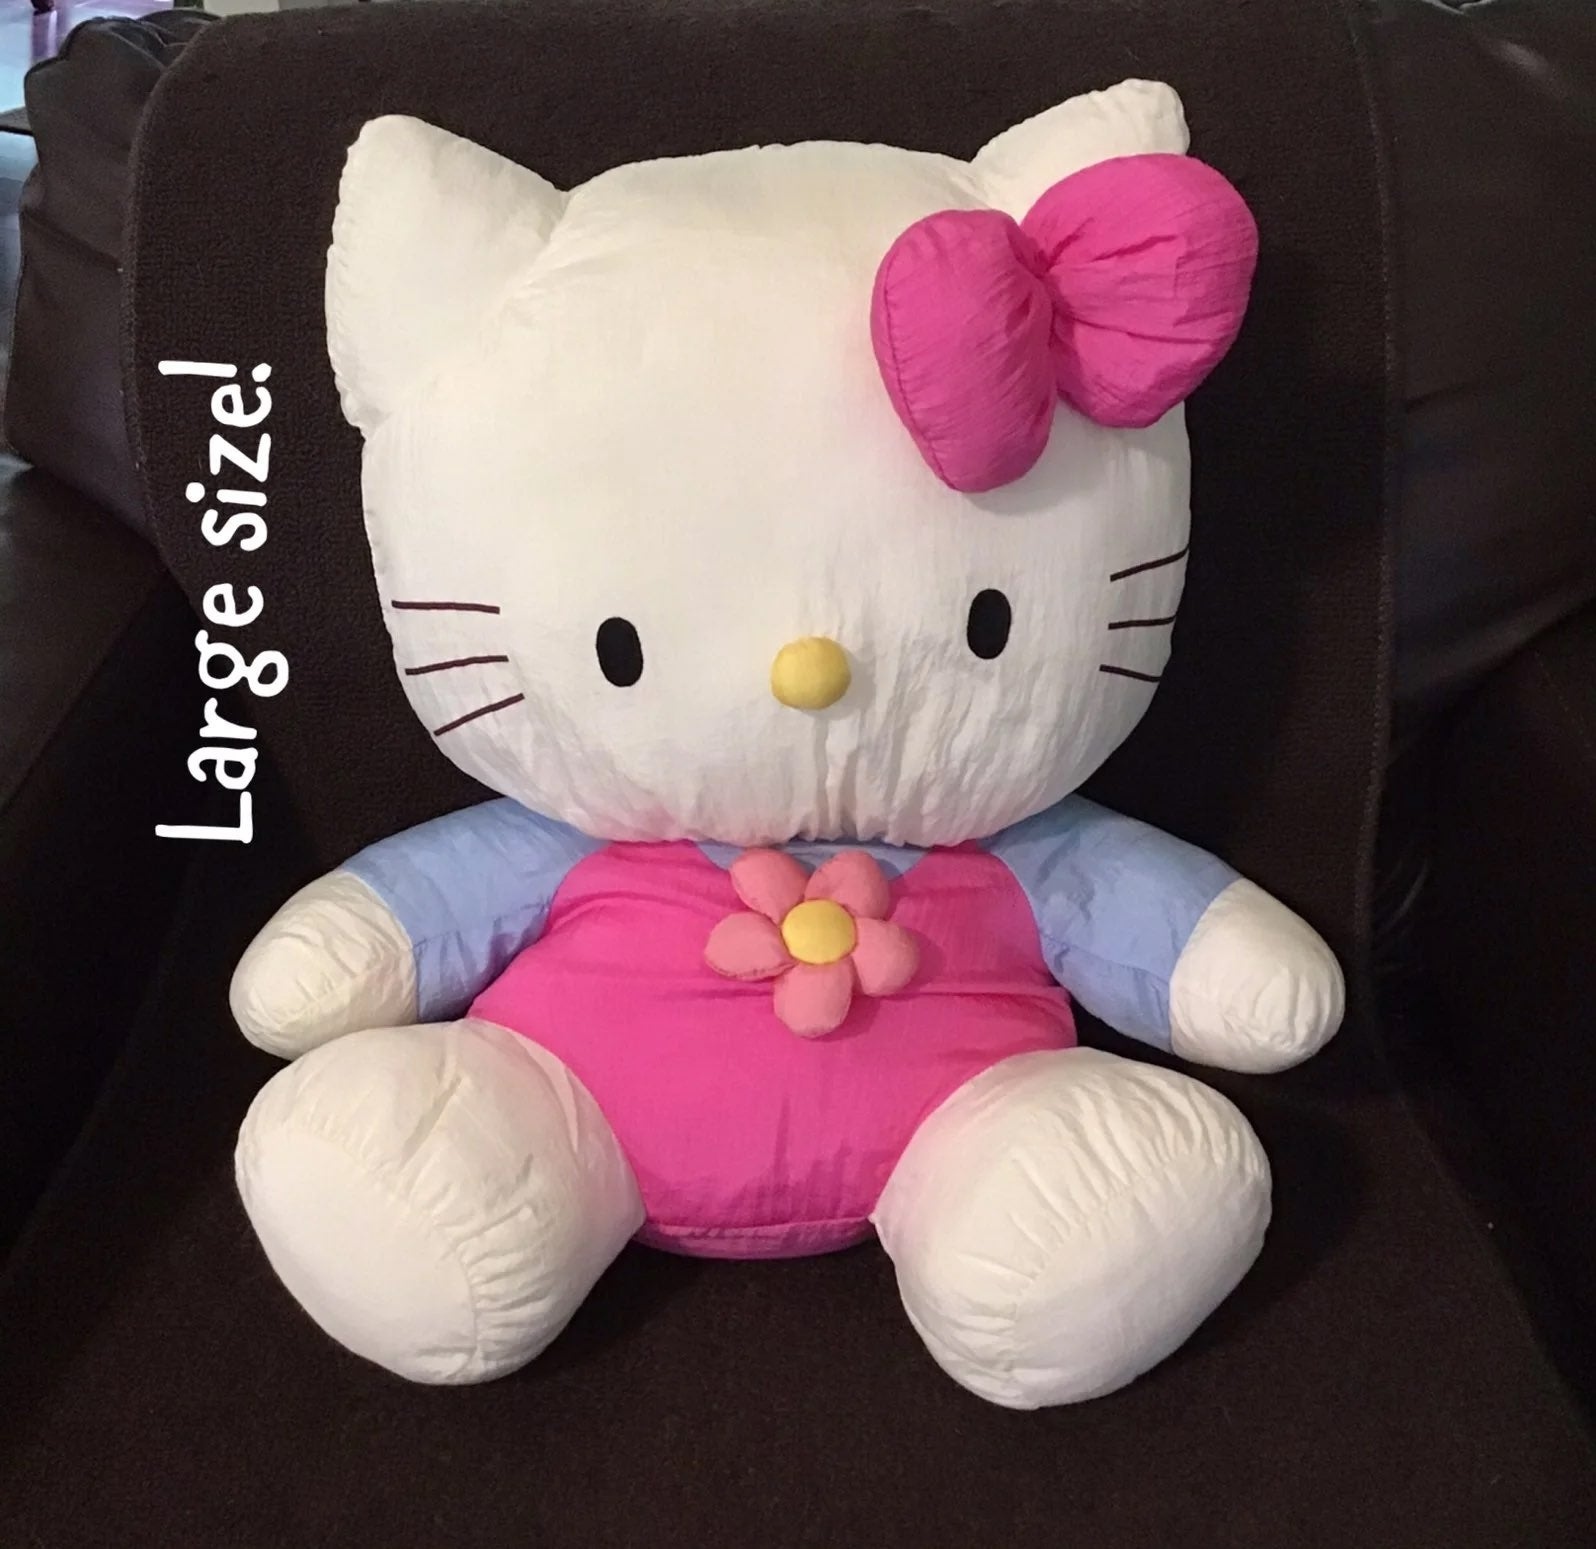 Sanrio plush vintage nylon Hello Kitty